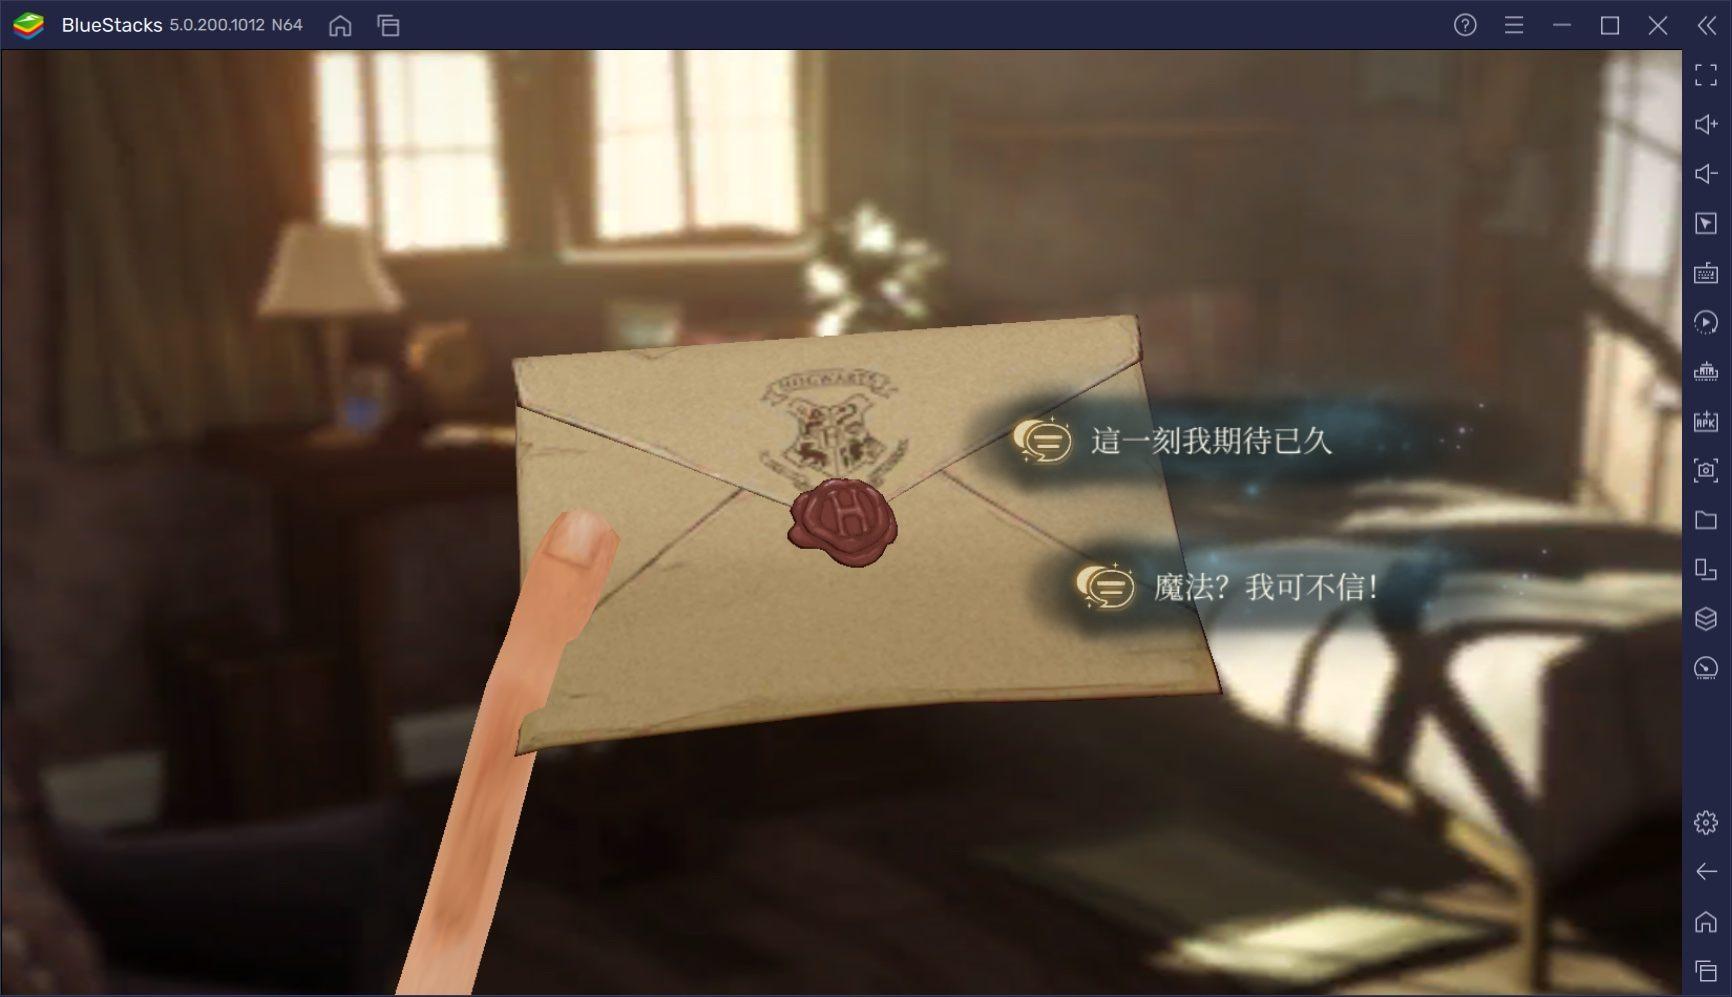 如何使用BlueStacks在電腦上玩《哈利波特:魔法覺醒》